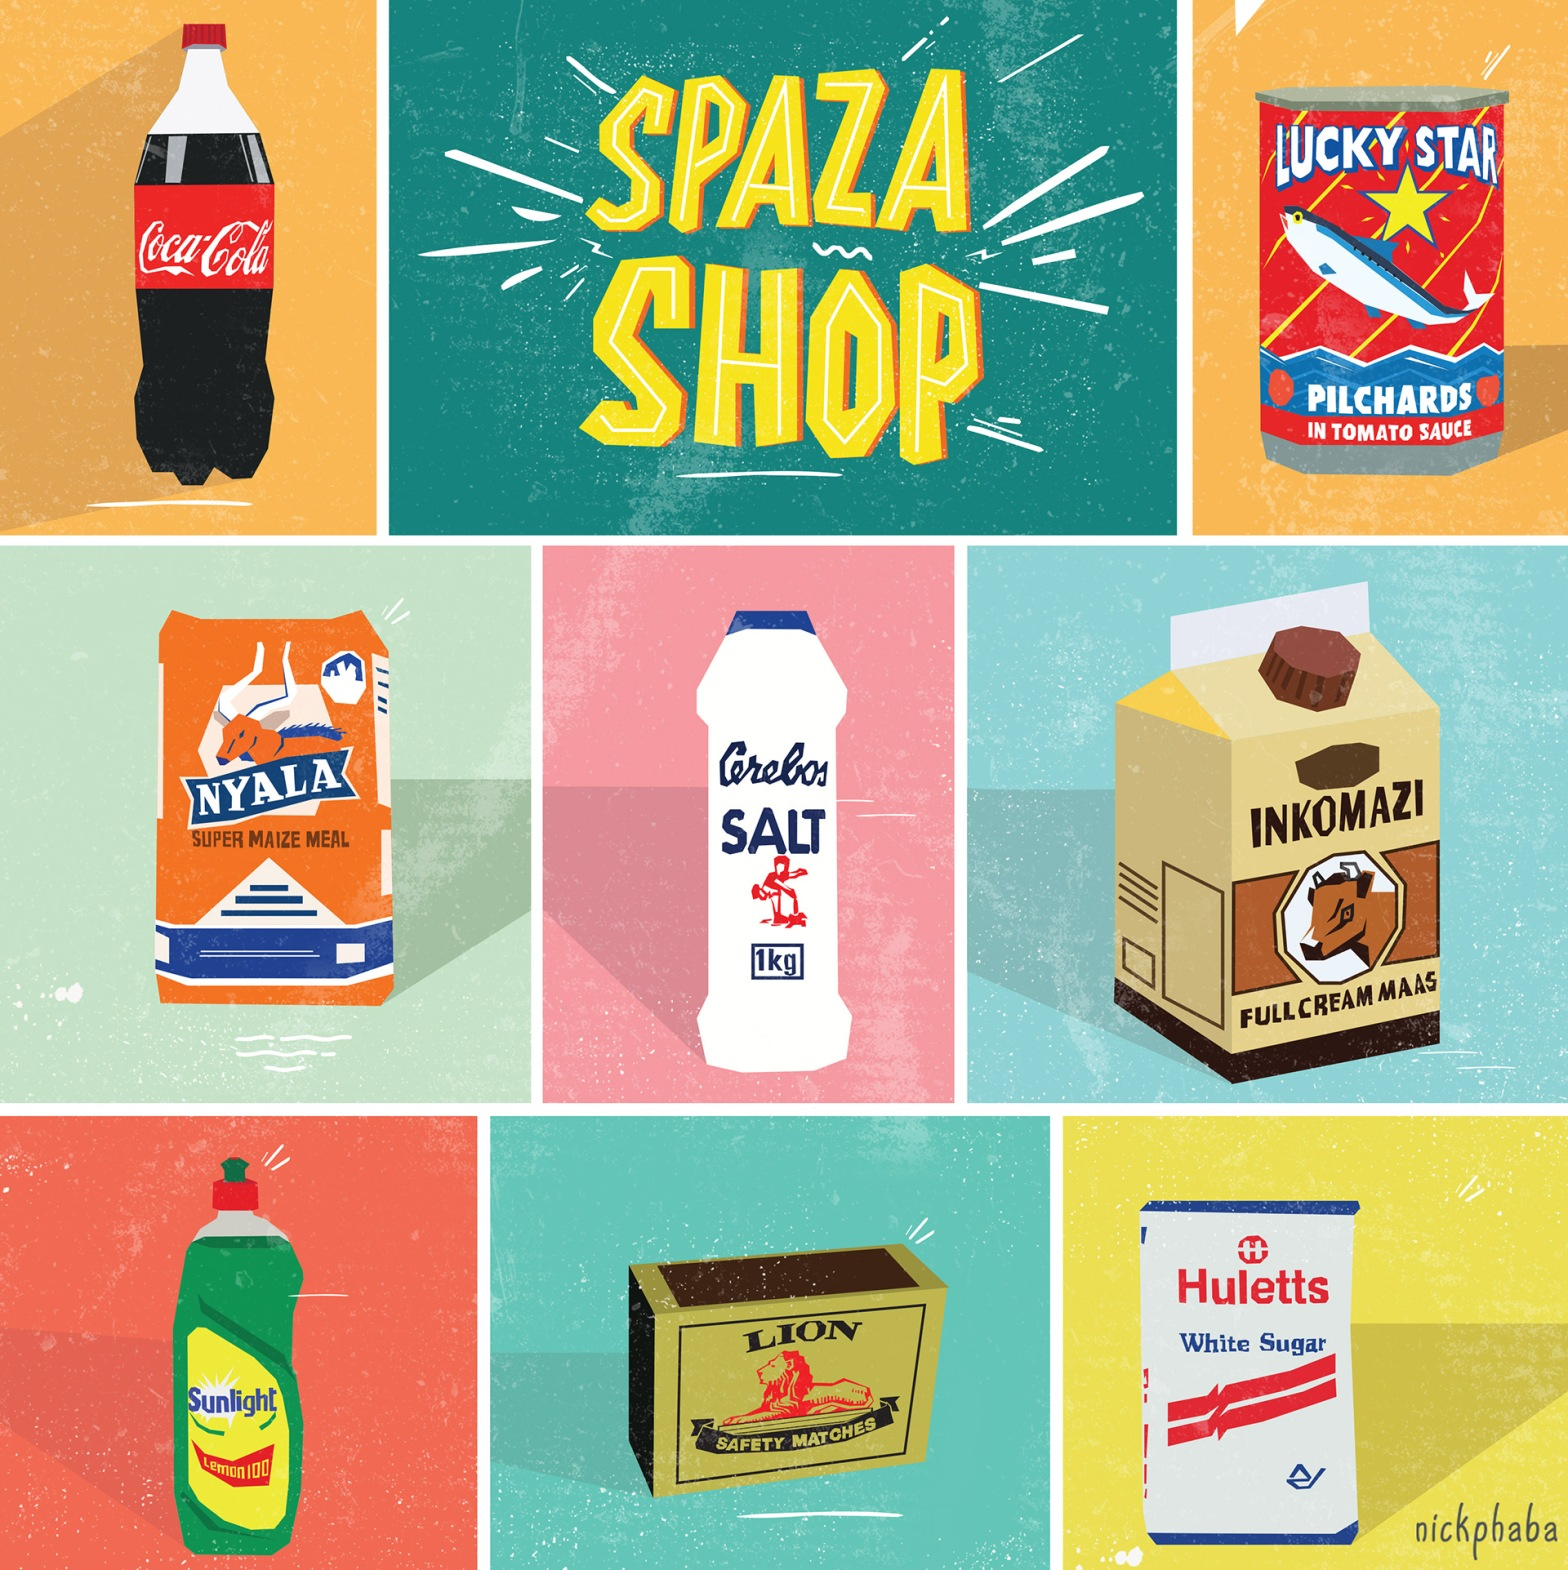 https://www.behance.net/gallery/78046009/Spaza-illustration